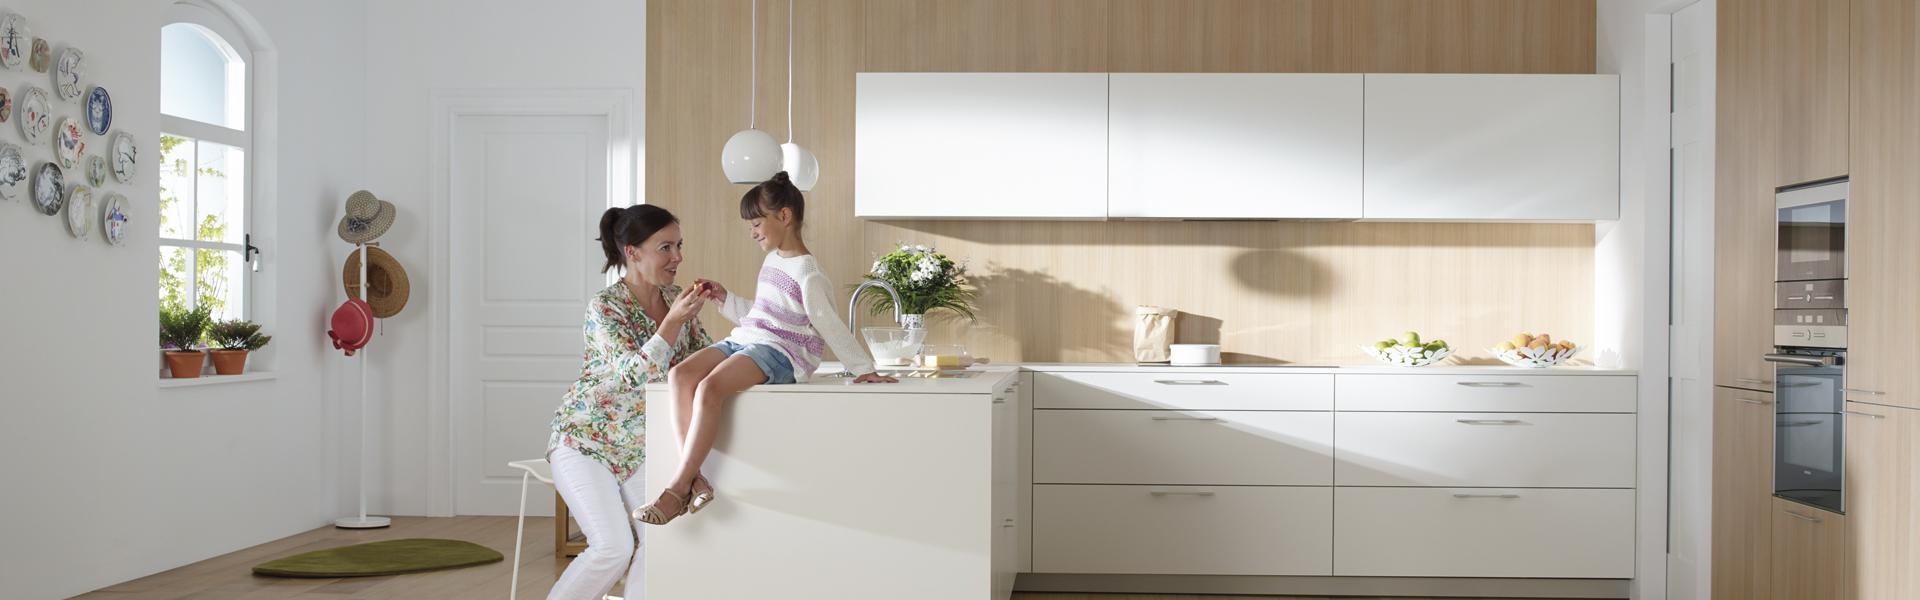 Disfrutar de la vida en la cocina - ARIANE 2 estratificado ...